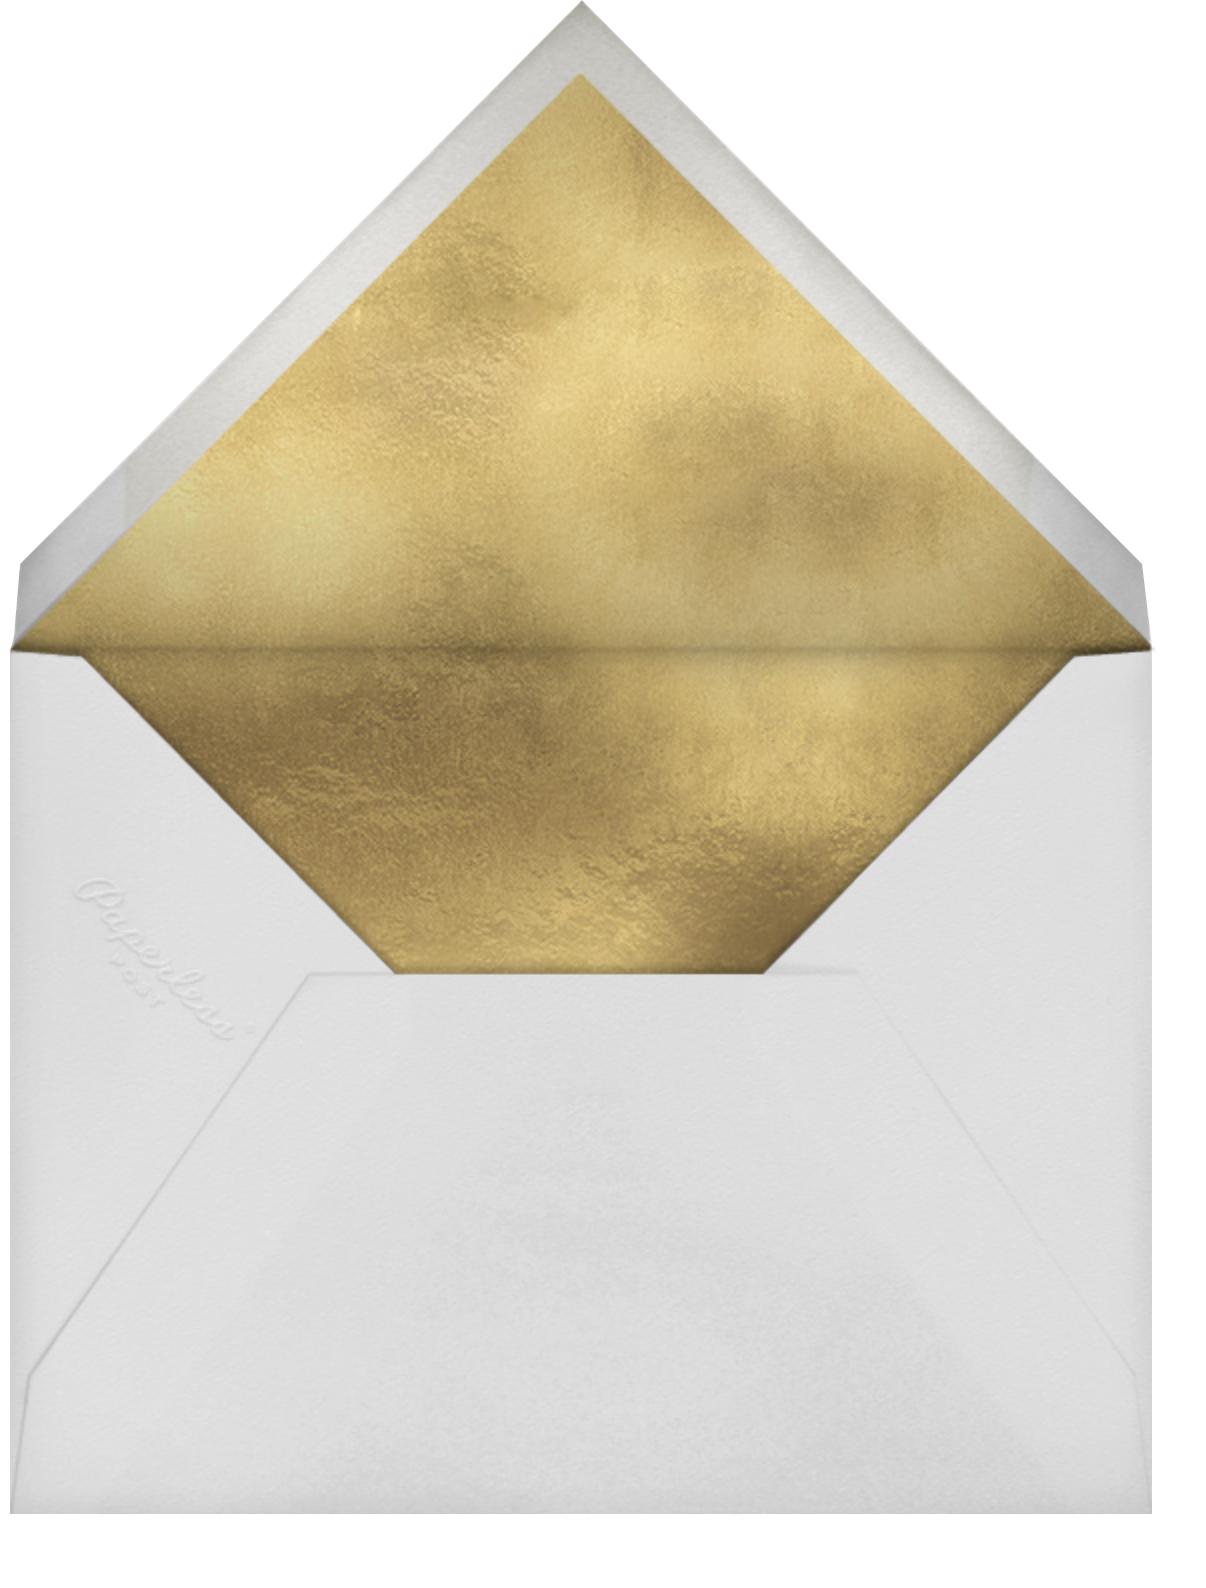 Gold Unikko Photo - Marimekko - Holiday cards - envelope back